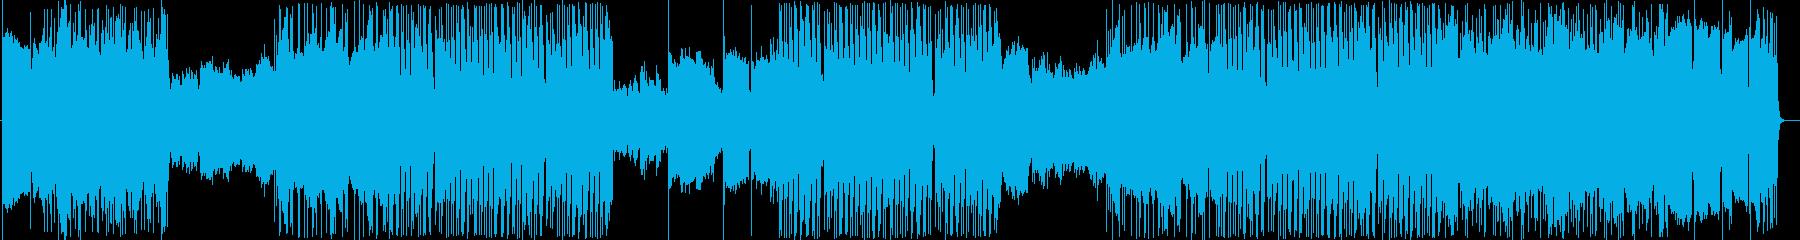 ヘビィでメロディアスなスピードチューンの再生済みの波形